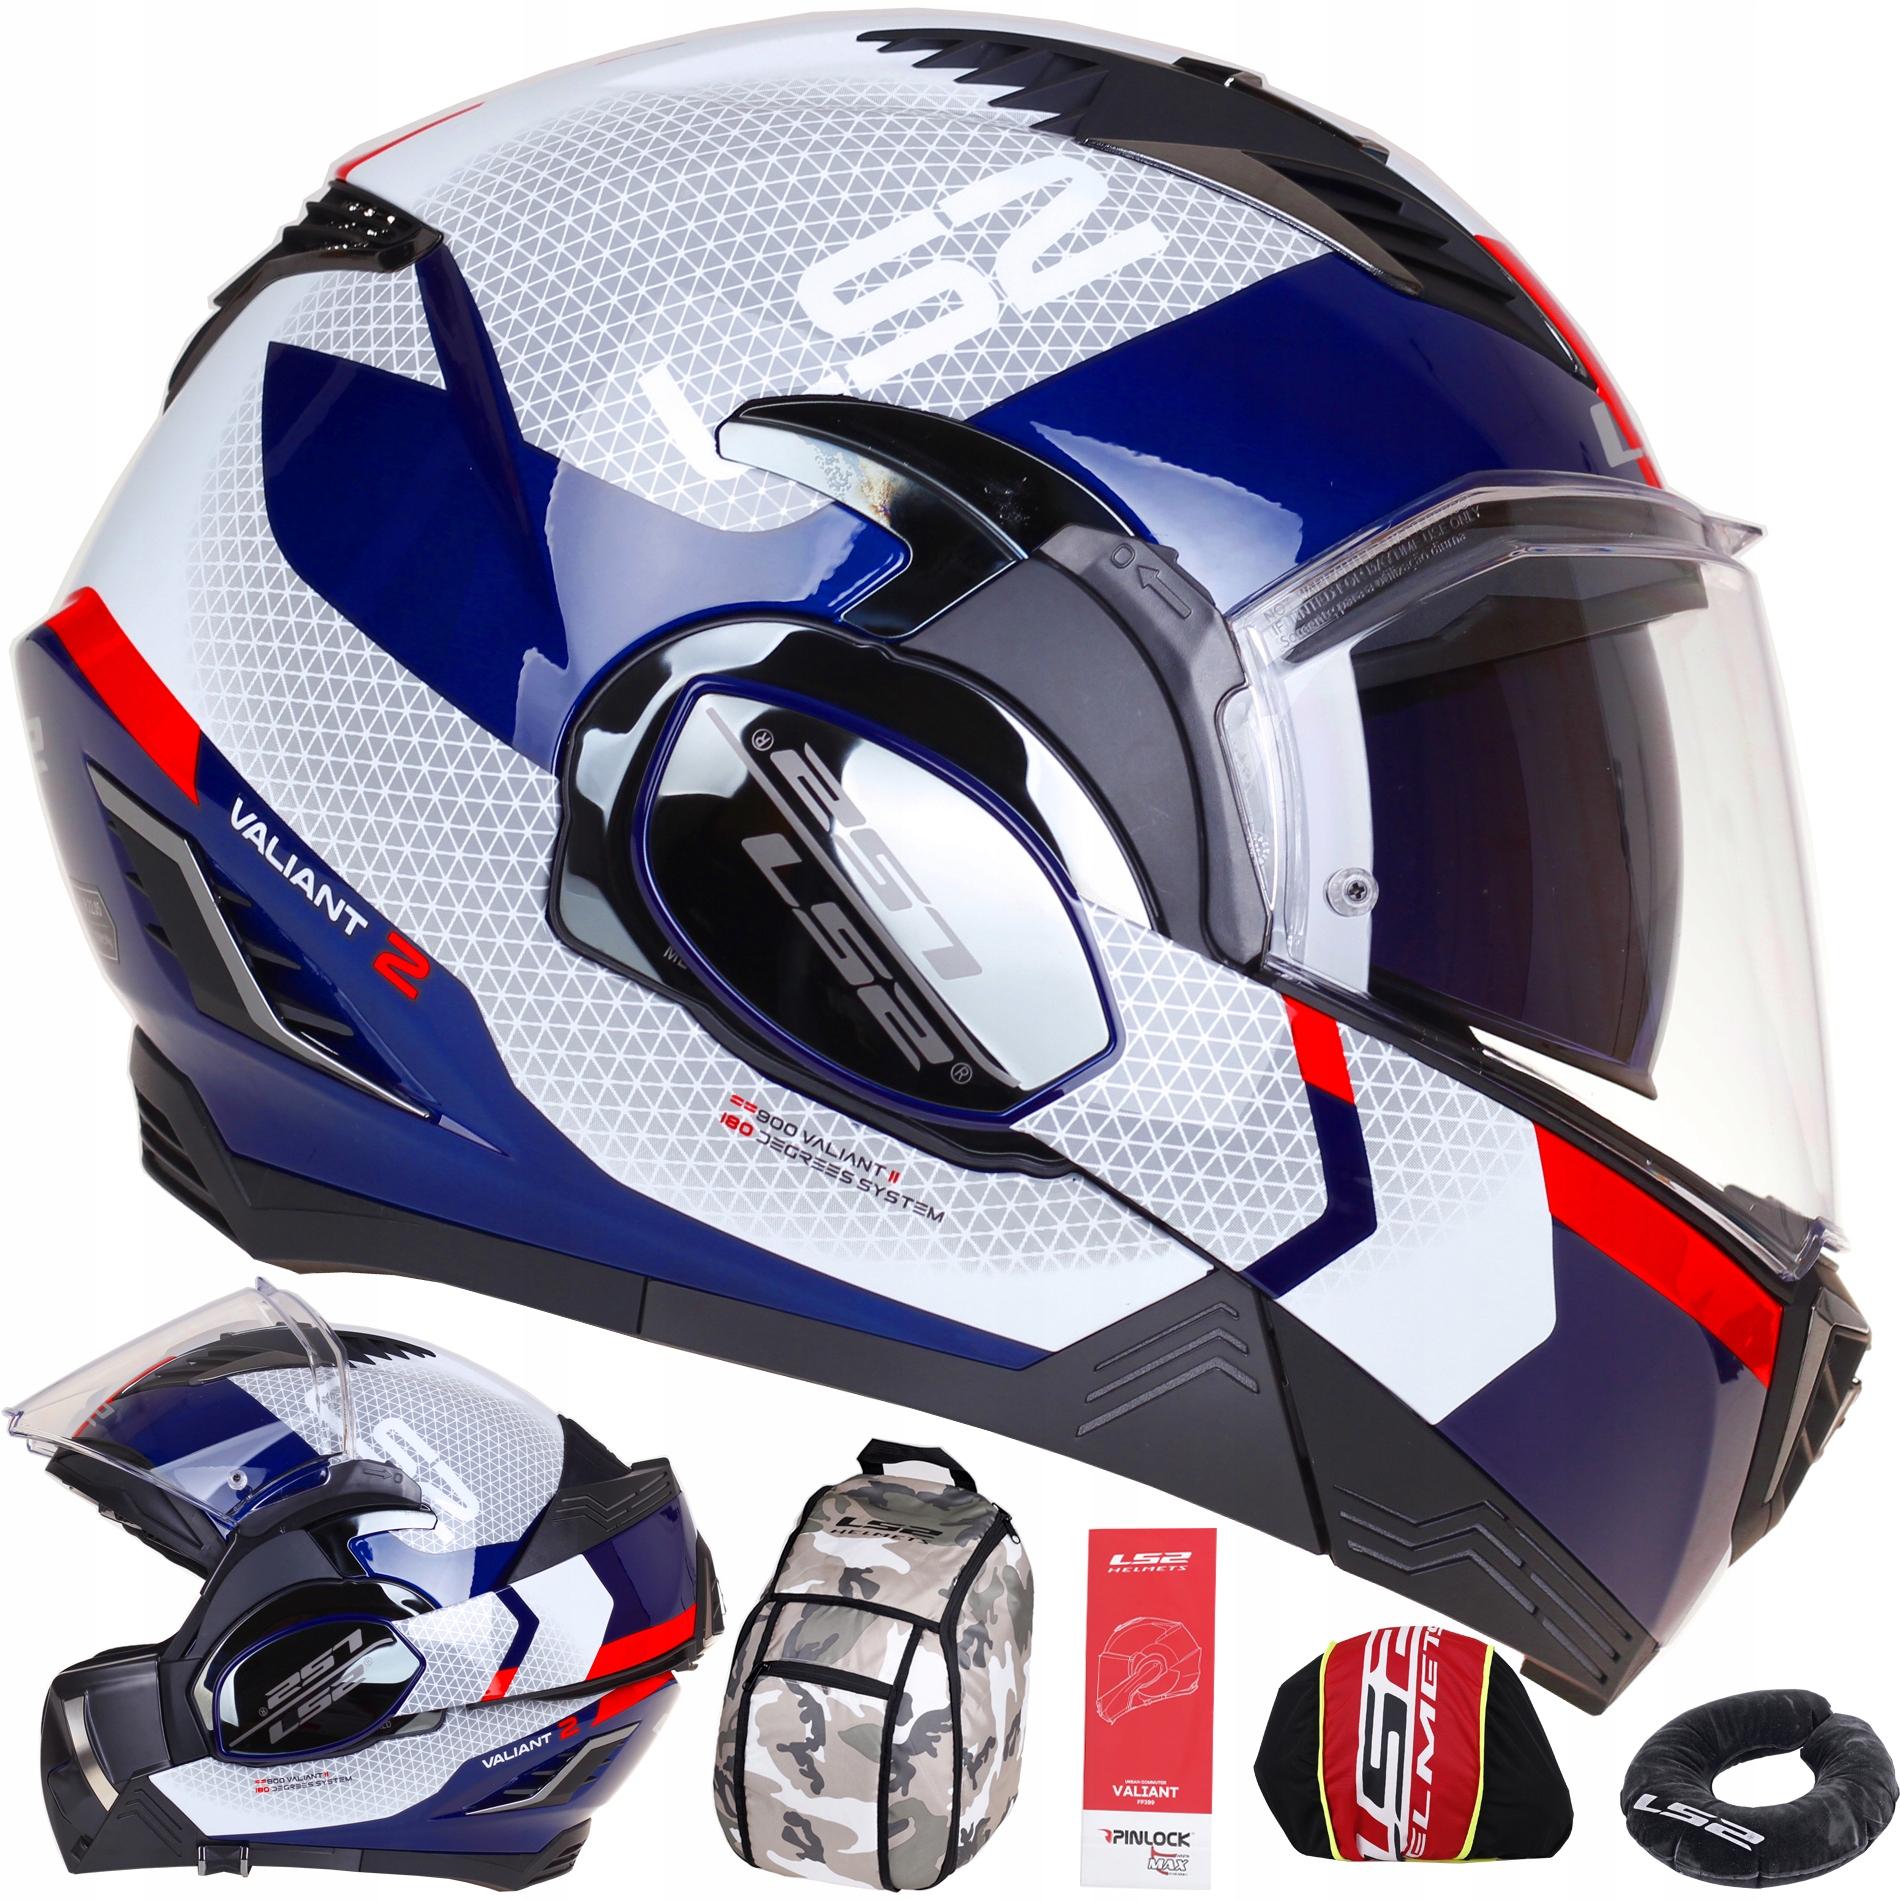 Челюсть шлем LS2 FF900 Valiant II CITIUS белый